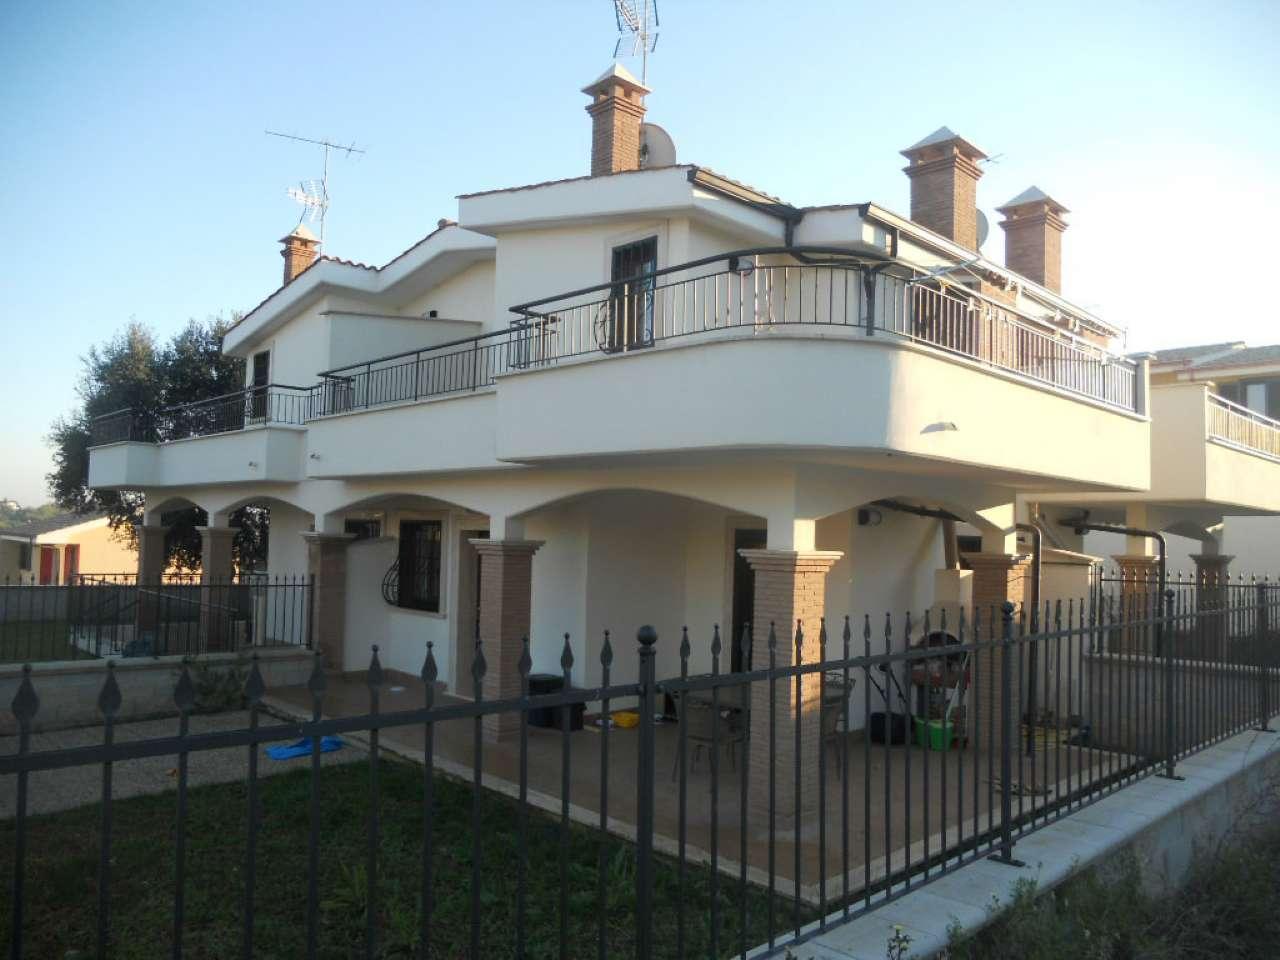 Villa Tri-Quadrifamiliare in affitto a Pomezia, 3 locali, prezzo € 550 | CambioCasa.it